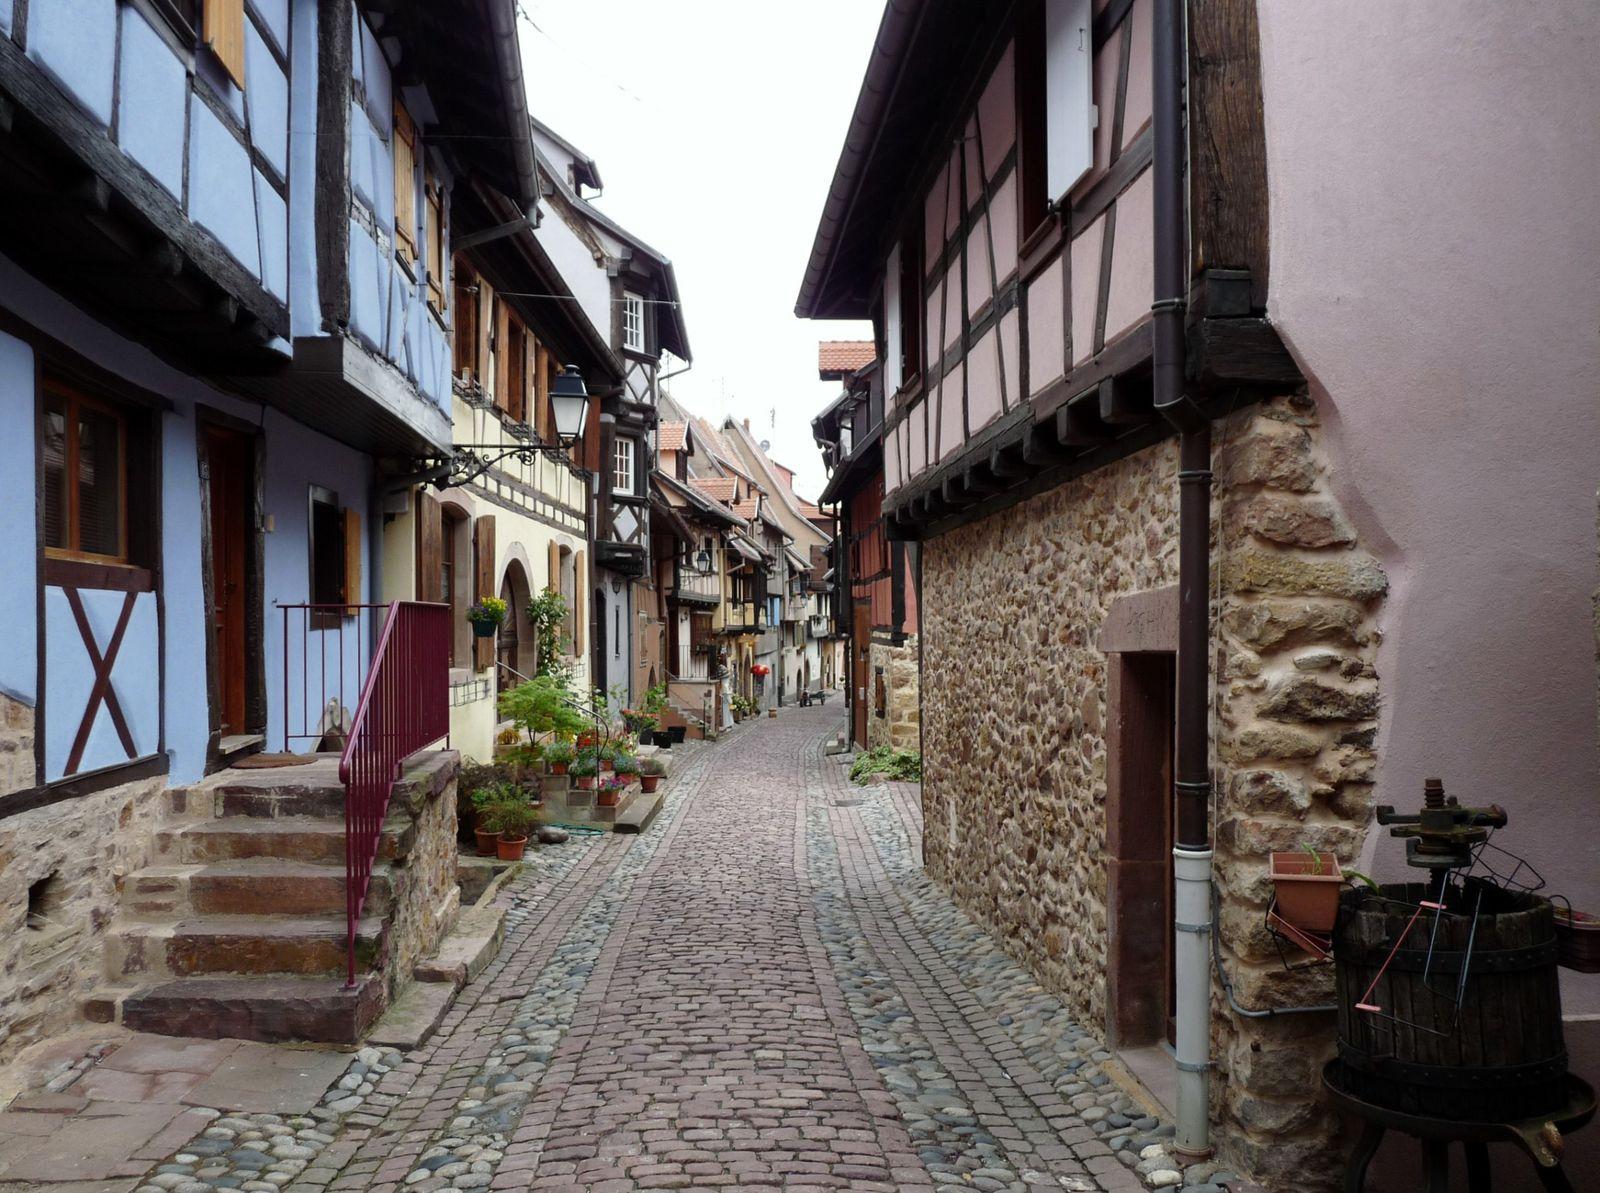 Sur la Route des Vins d' Alsace -  VVF Obernai - Ottrott - Barr - Le Mont Saint Odile - Selestat - Ribeauvillé - Riquewhir - Eguisheim - Colmar - Strasbourg - Château du Haut Koenigsbourg.